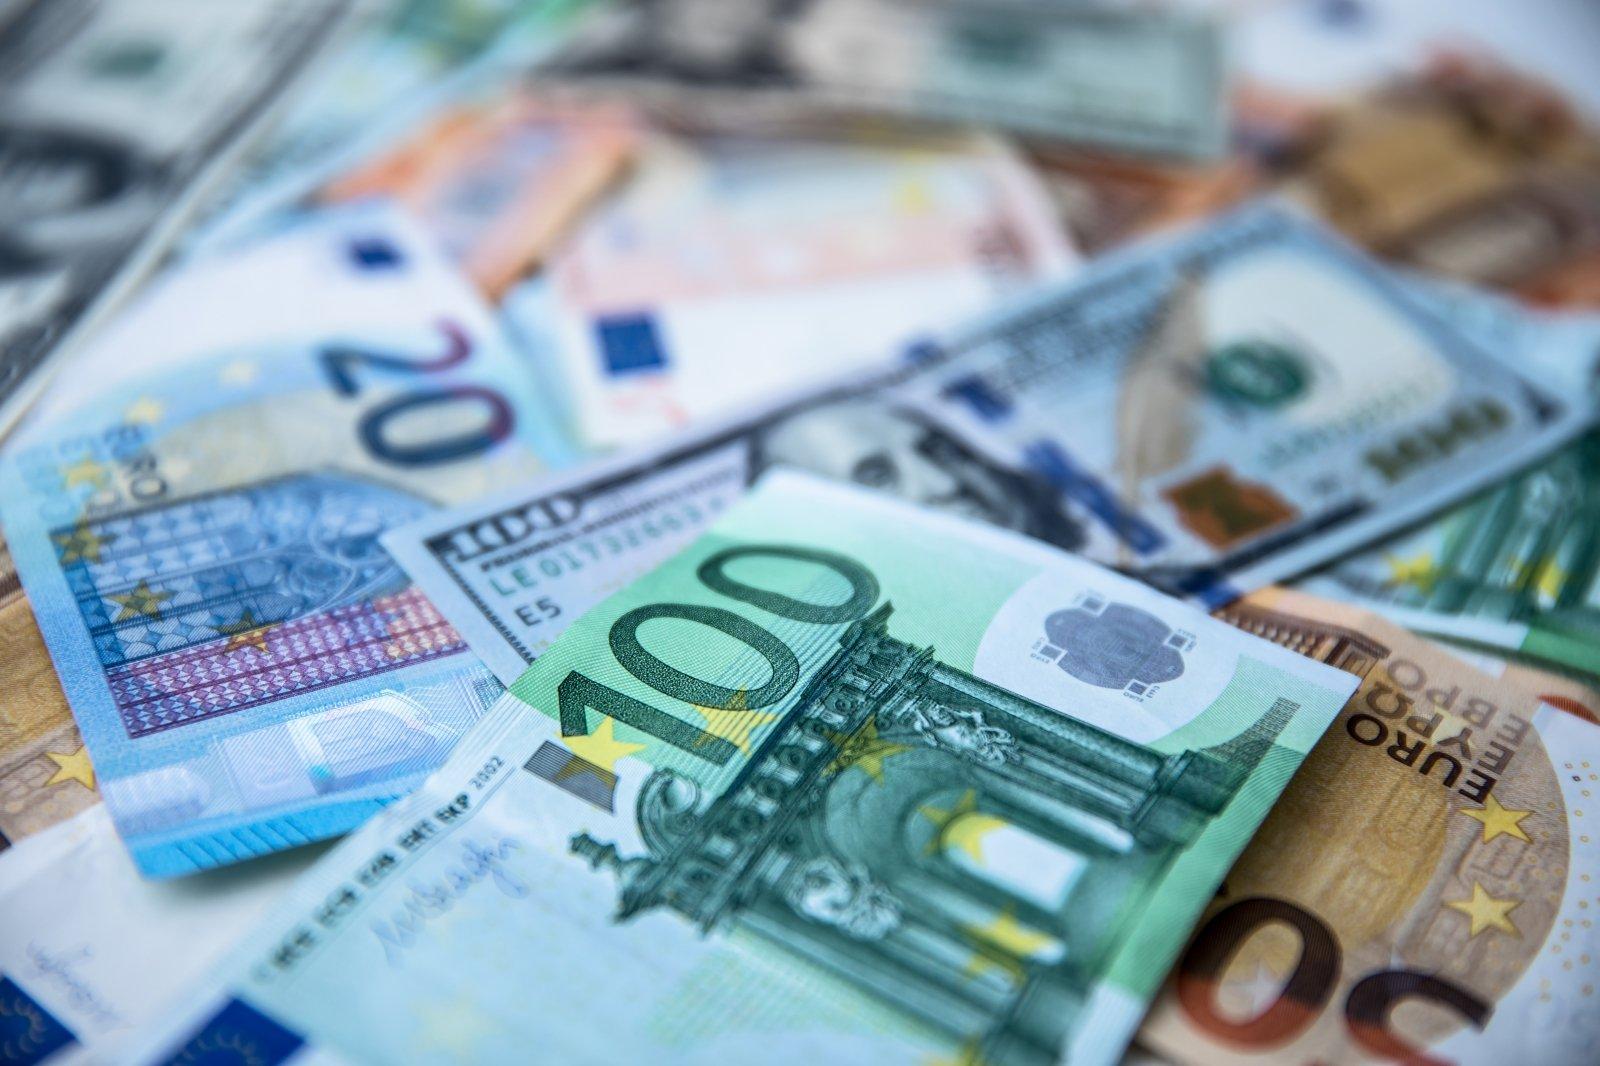 pajamos iš interneto srauto per